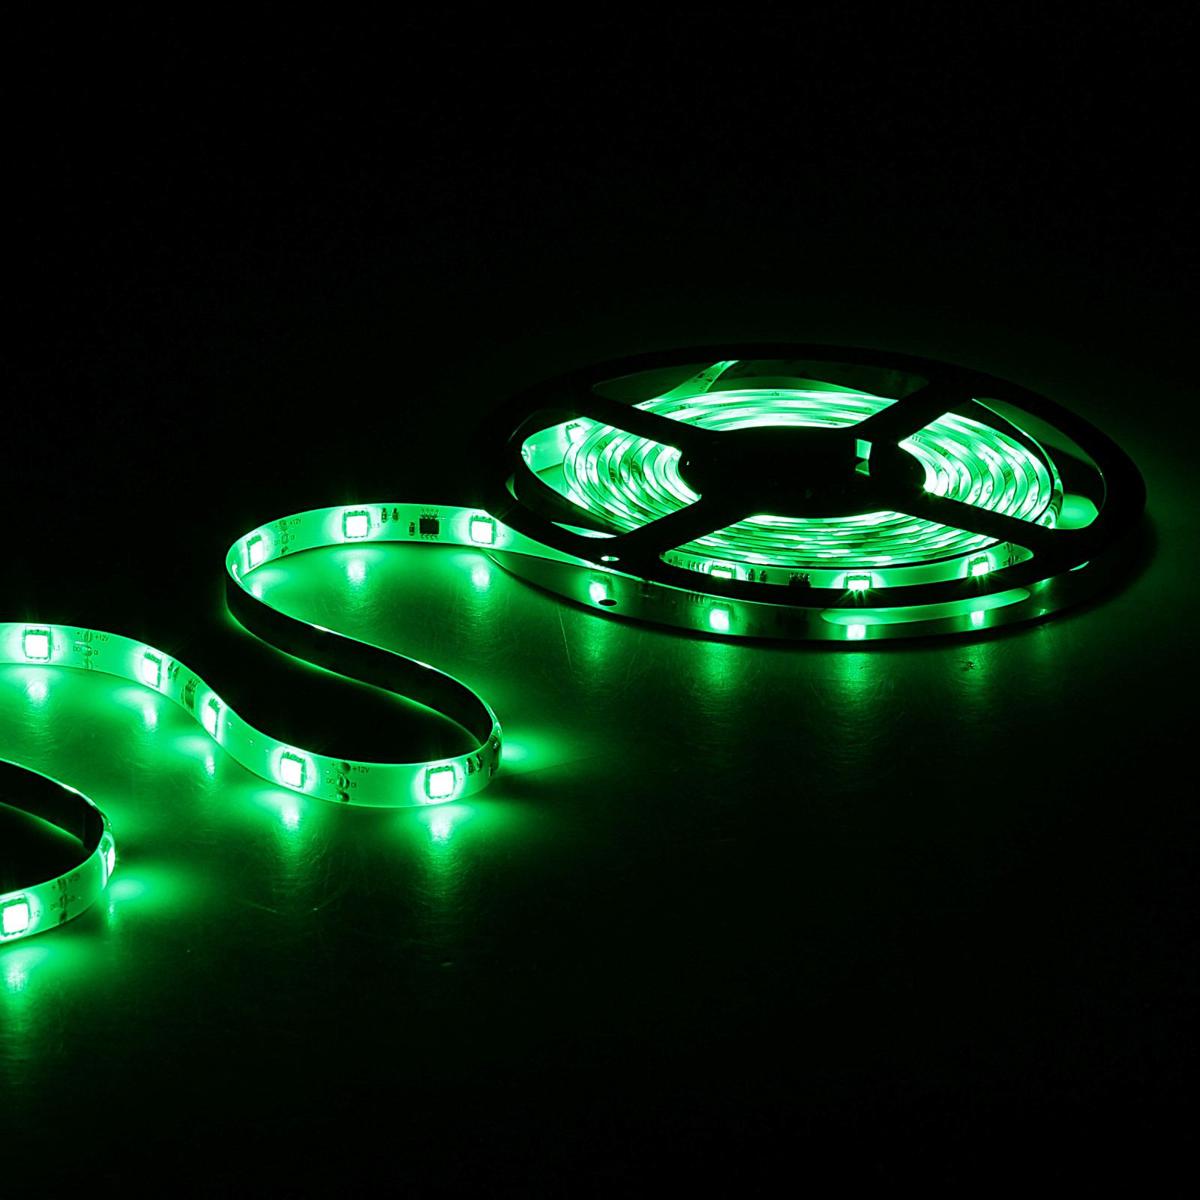 Светодиодная лента Sima-land, 12В, SMD5050, длина 5 м, IP65, 30 LED ламп, 7.2Вт/м, 10-12 Лм/1 LED, DC, цвет: зеленый848578Светодиодные гирлянды, ленты и т.д — это отличный вариант для новогоднего оформления интерьера или фасада. С их помощью помещение любого размера можно превратить в праздничный зал, а внешние элементы зданий, украшенные ими, мгновенно станут напоминать очертания сказочного дворца. Такие украшения создают ауру предвкушения чуда. Деревья, фасады, витрины, окна и арки будто специально созданы, чтобы вы украсили их светящимися нитями.